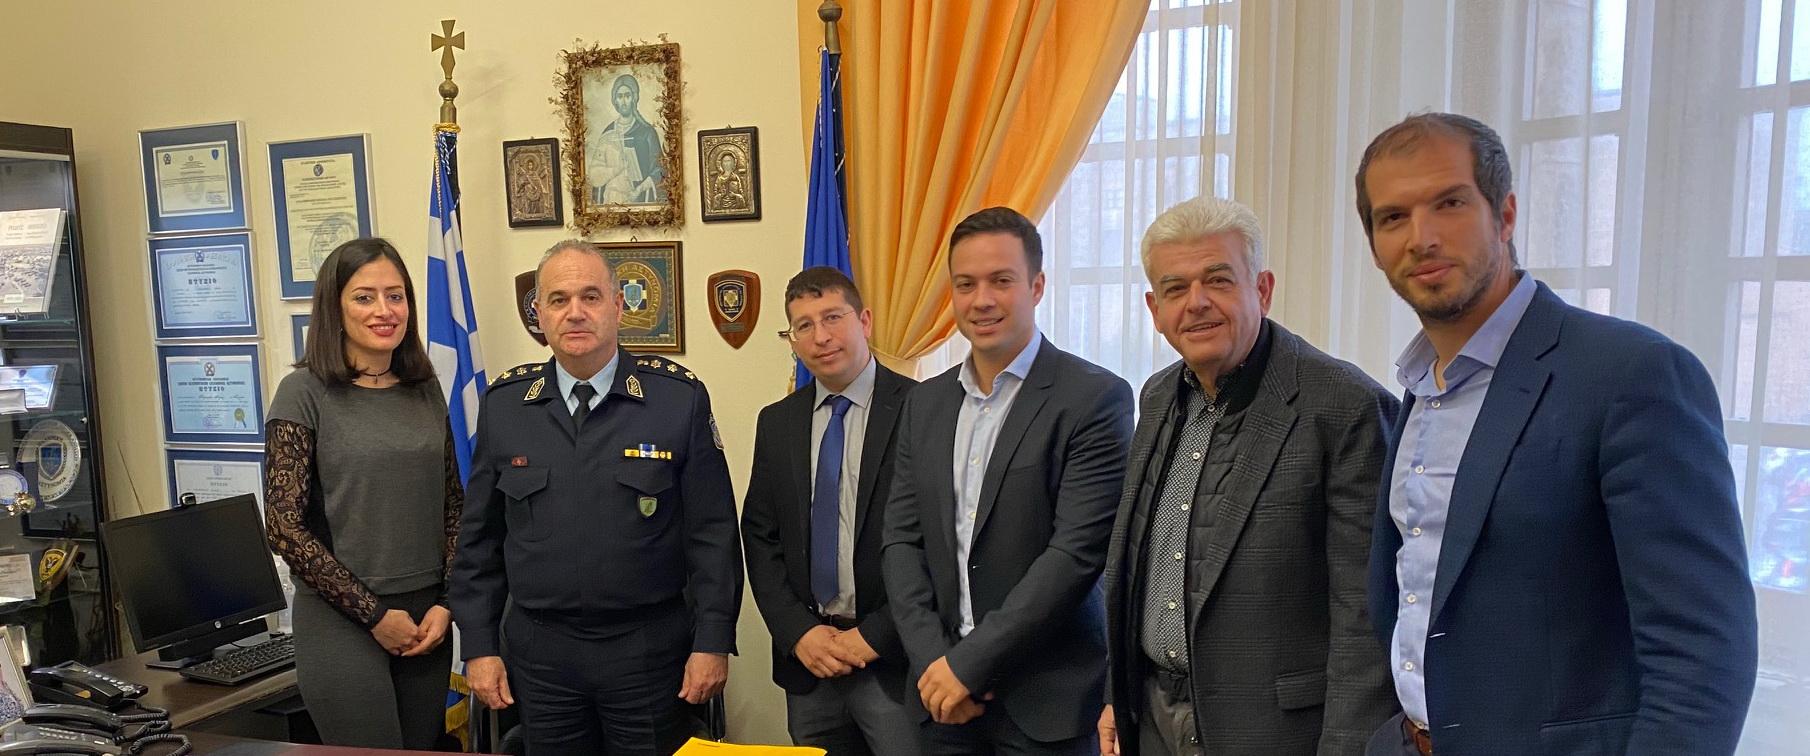 ΕΞΡ: Να ενισχυθεί η αστυνόμευση στις πλέον τουριστικές περιοχές της Ρόδου